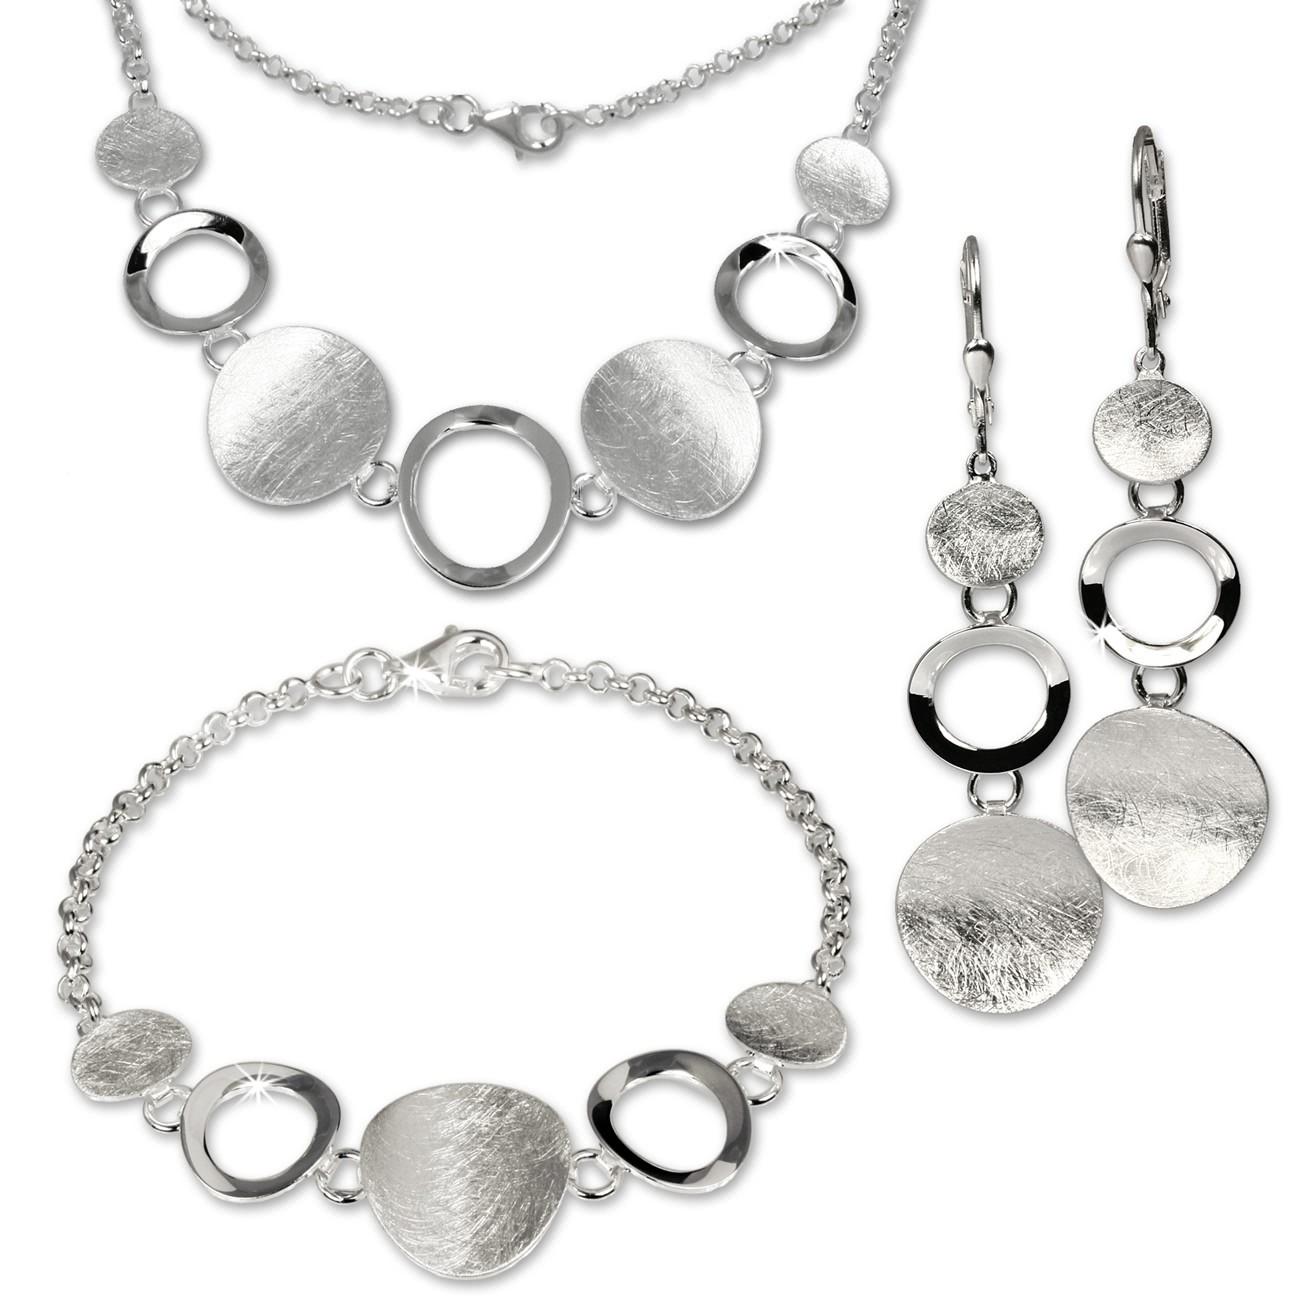 SilberDream Schmuck Set Collier, Armband, Ohrringe matt Silber SDS400